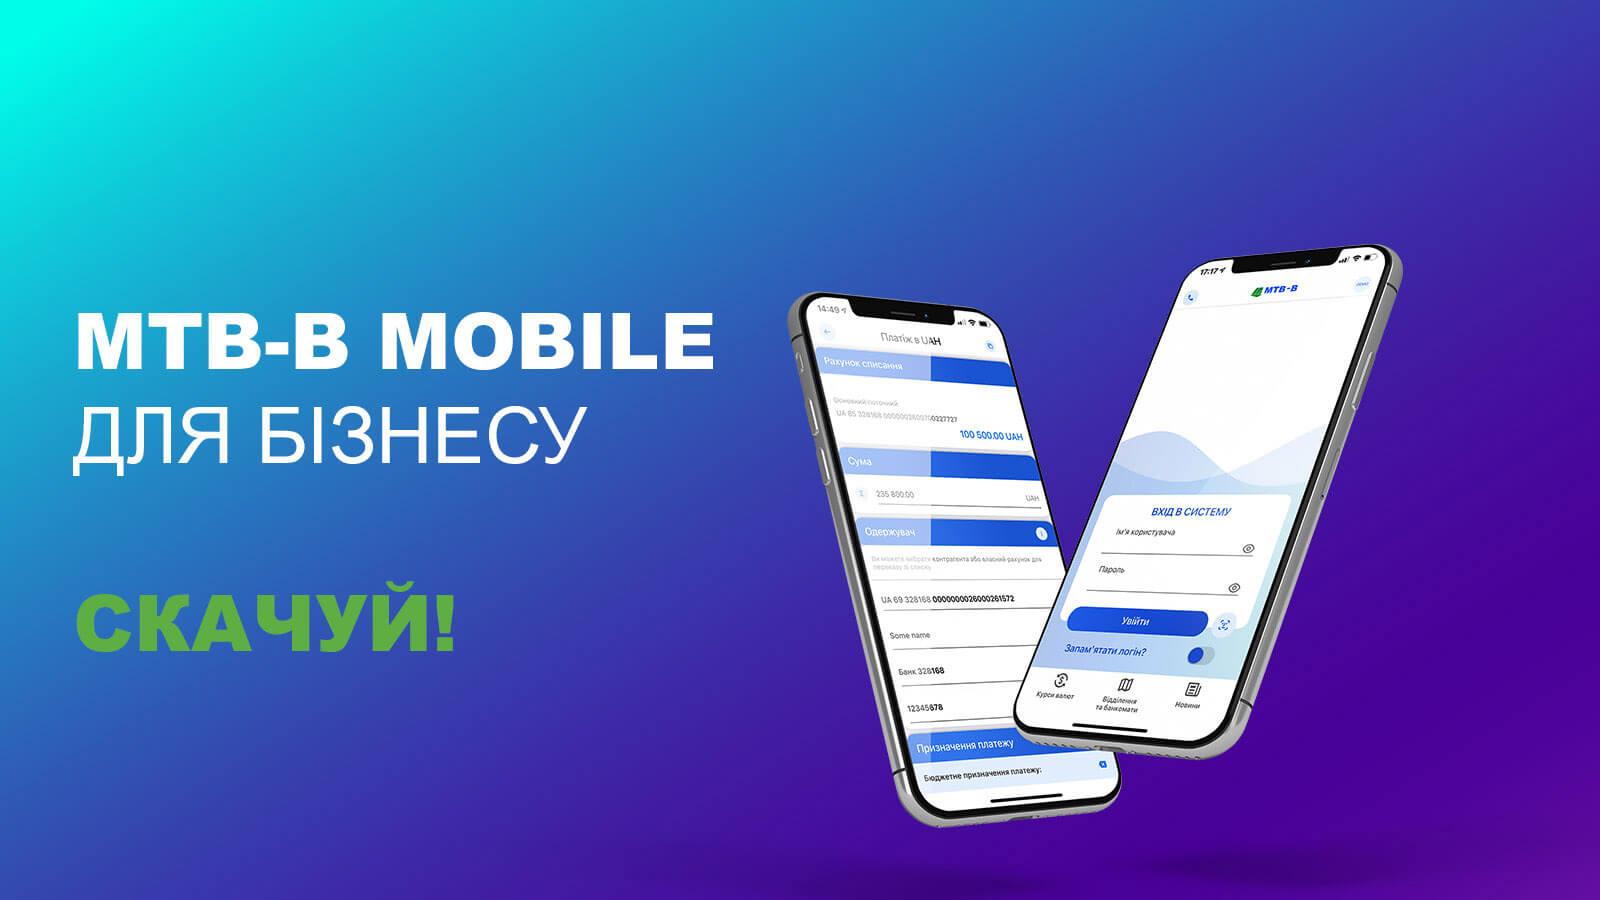 Знакомьтесь: MTB-B mobile! - фото - mtb.ua